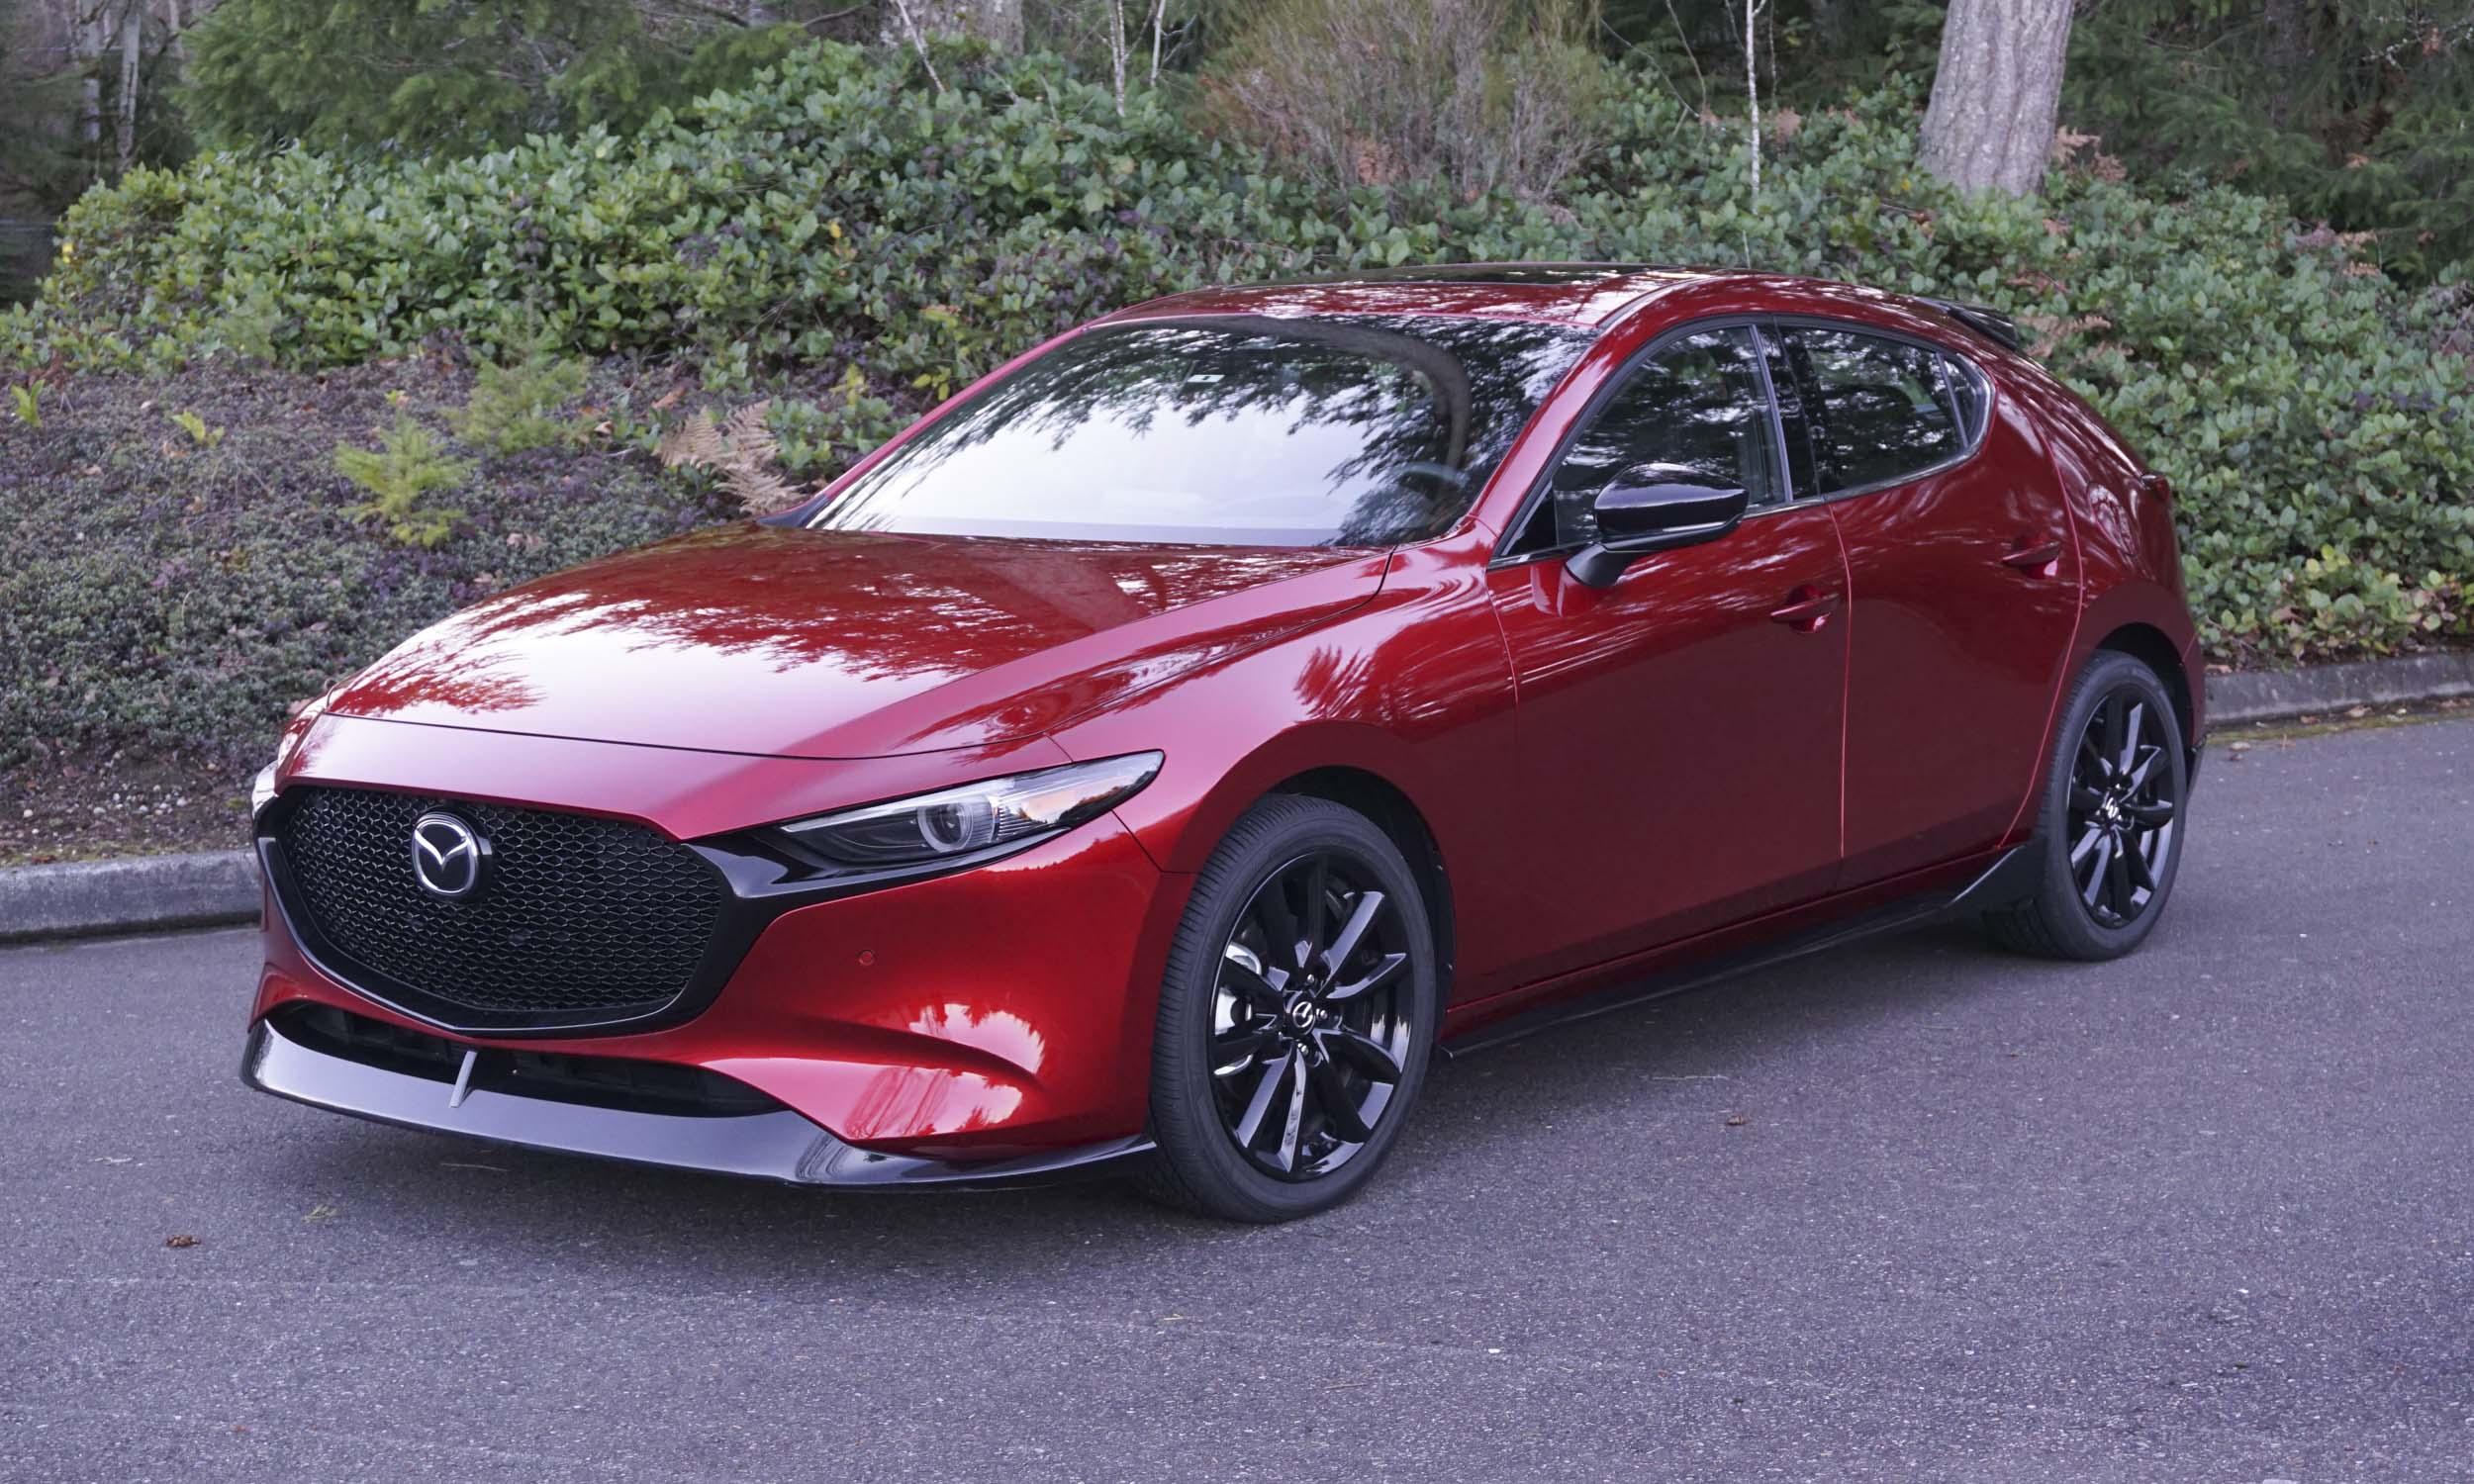 2021 Mazda Mazda3 2.5 Turbo: Review